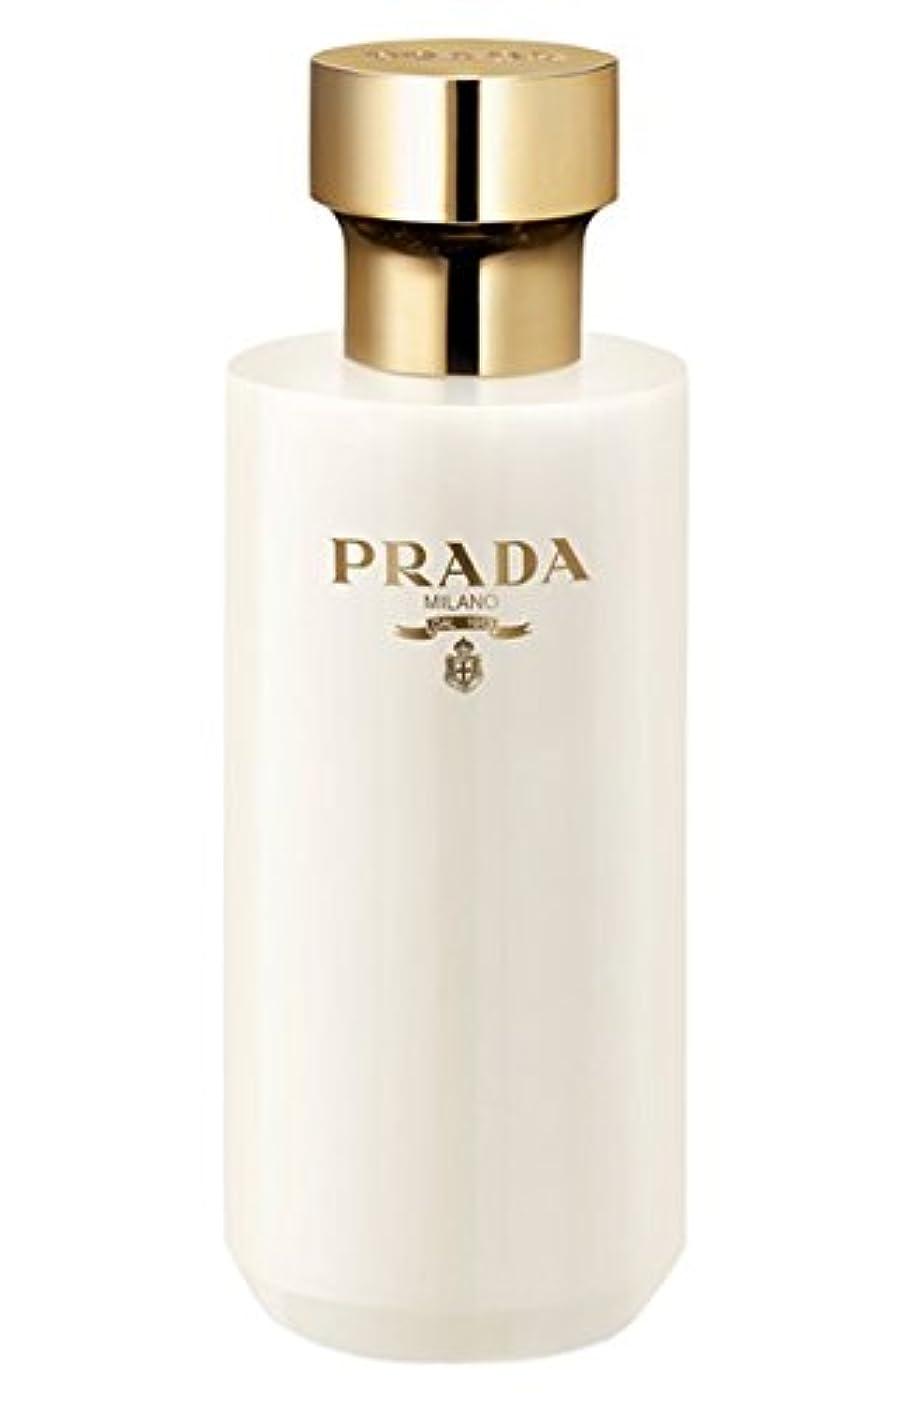 危険な左高度La Femme Prada (ラ フェム プラダ) 6.7 oz (200ml) Shower Cream for Women